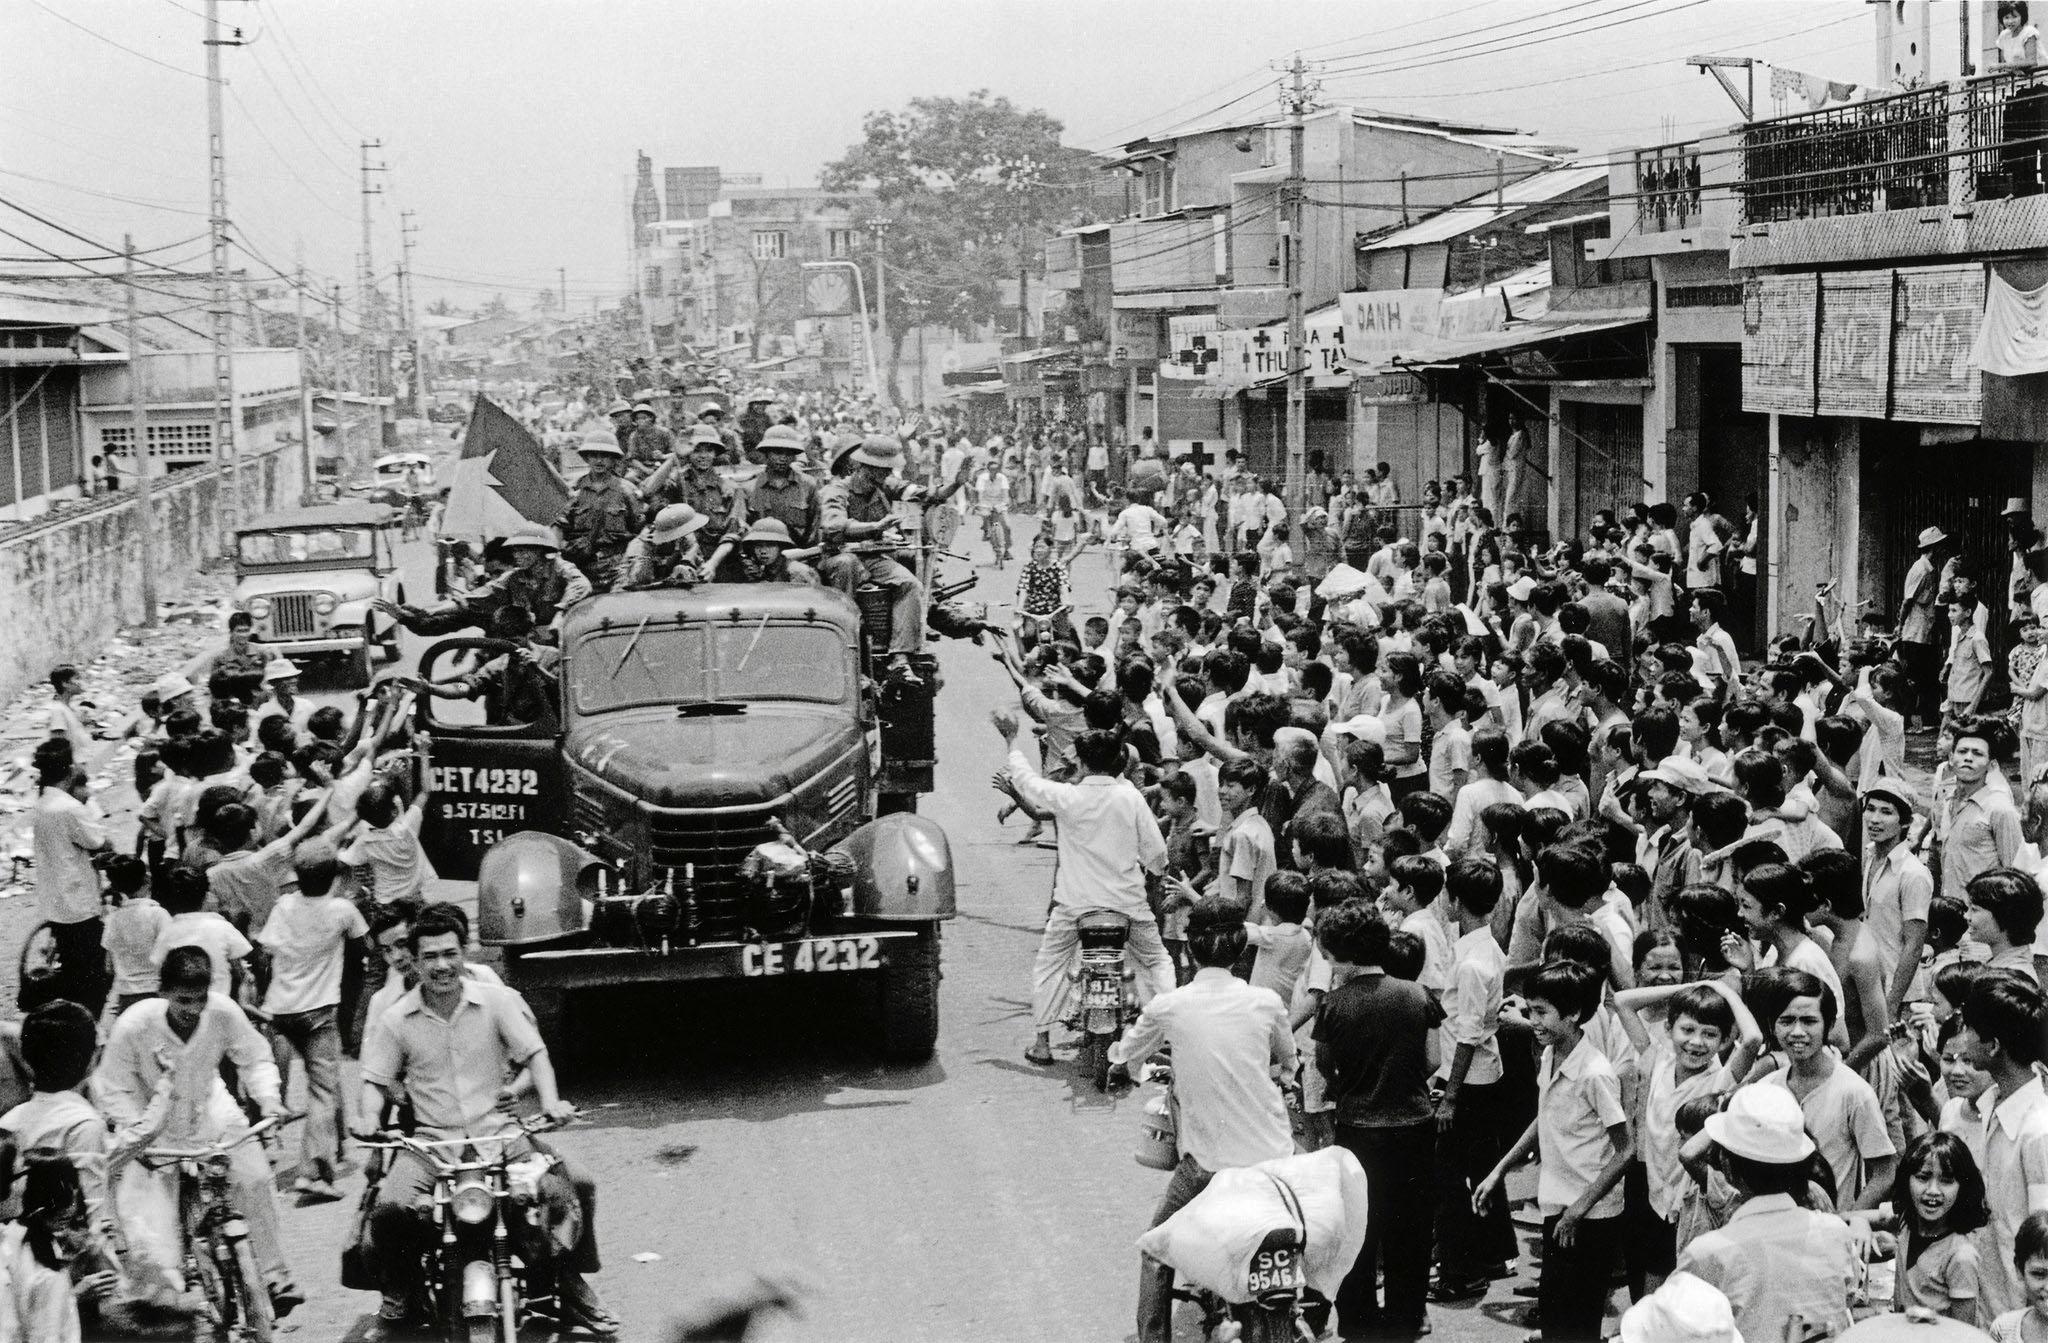 Жители Сайгона выходят на улицу, чтобы приветствовать прибытие солдат северо-вьетнамской армии на грузовиках после падения Сайгона. 30 апреля